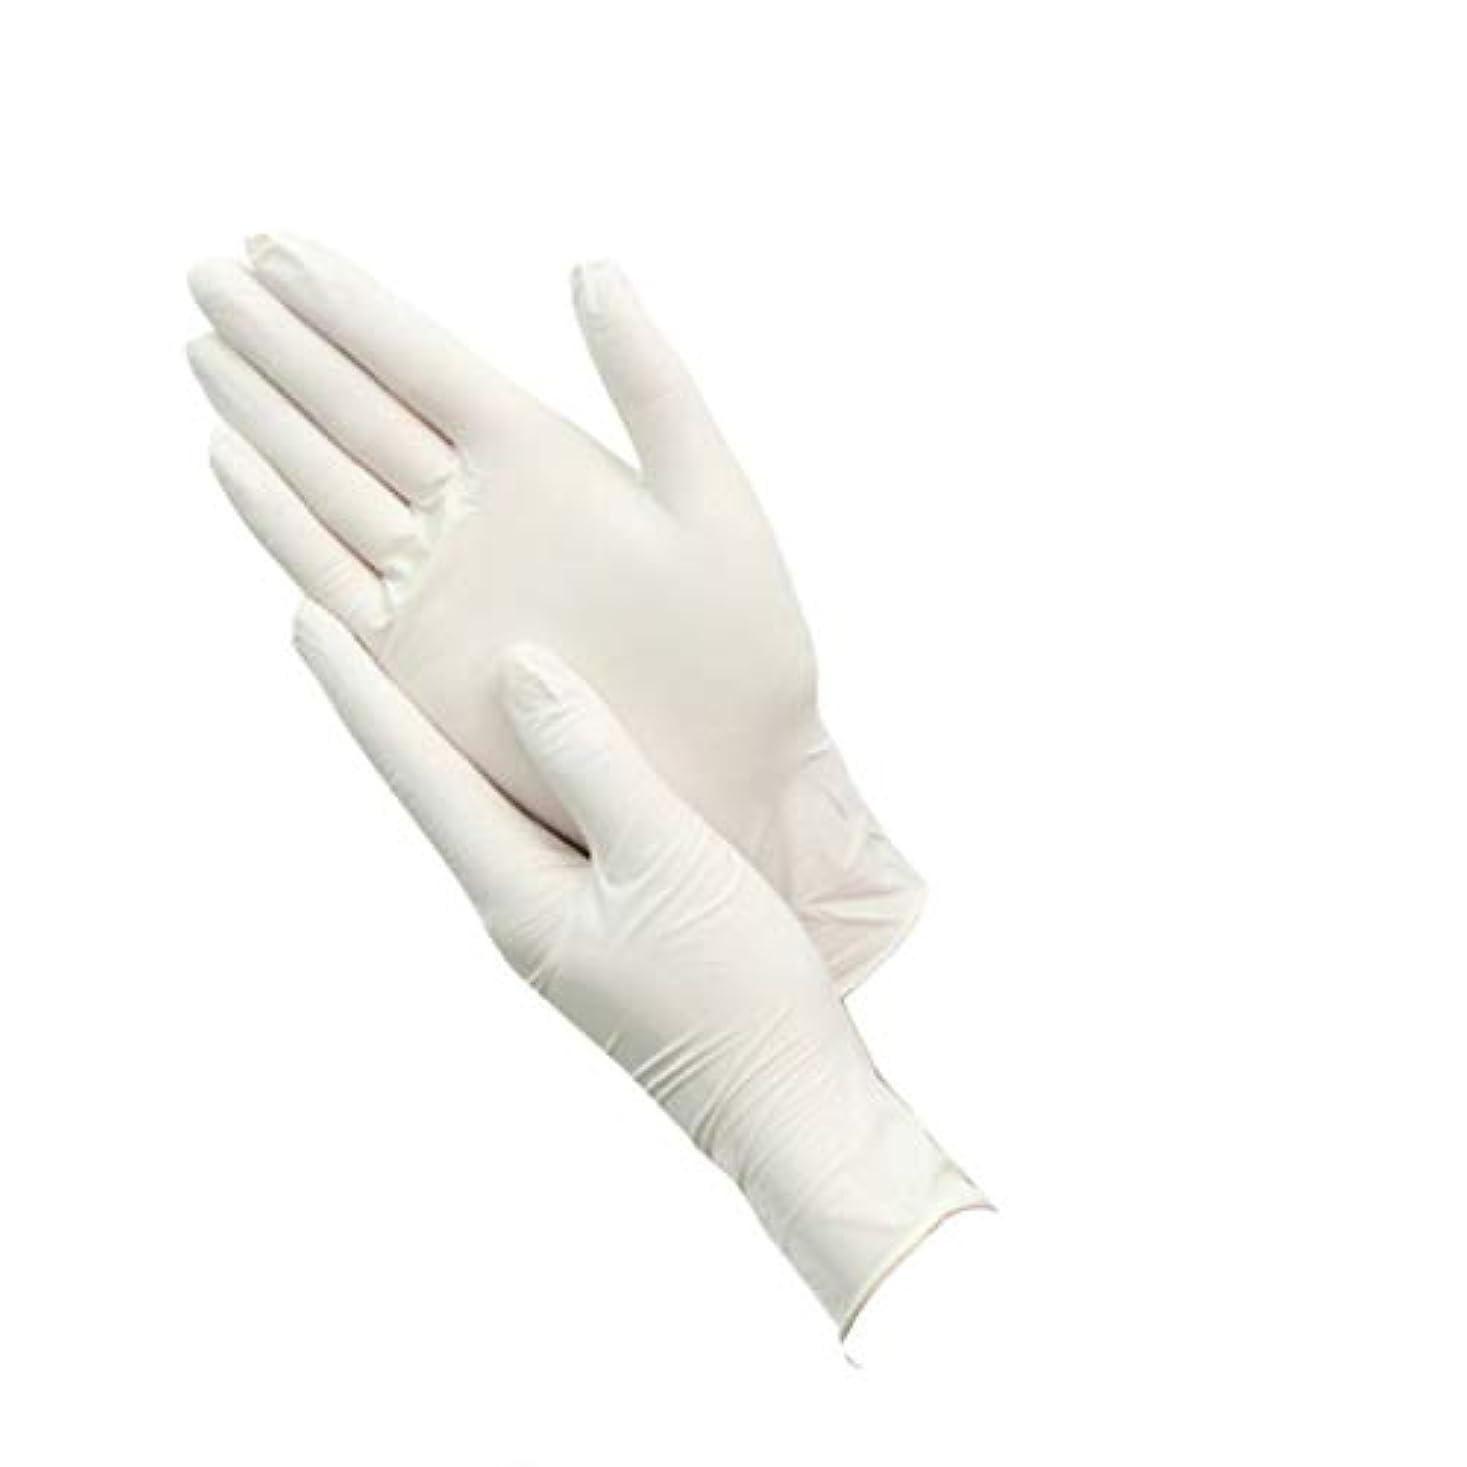 余分な燃やす明らかに使い捨て手袋グッド100グラム増量ニトリルブタジエンゴム (サイズ さいず : XL)